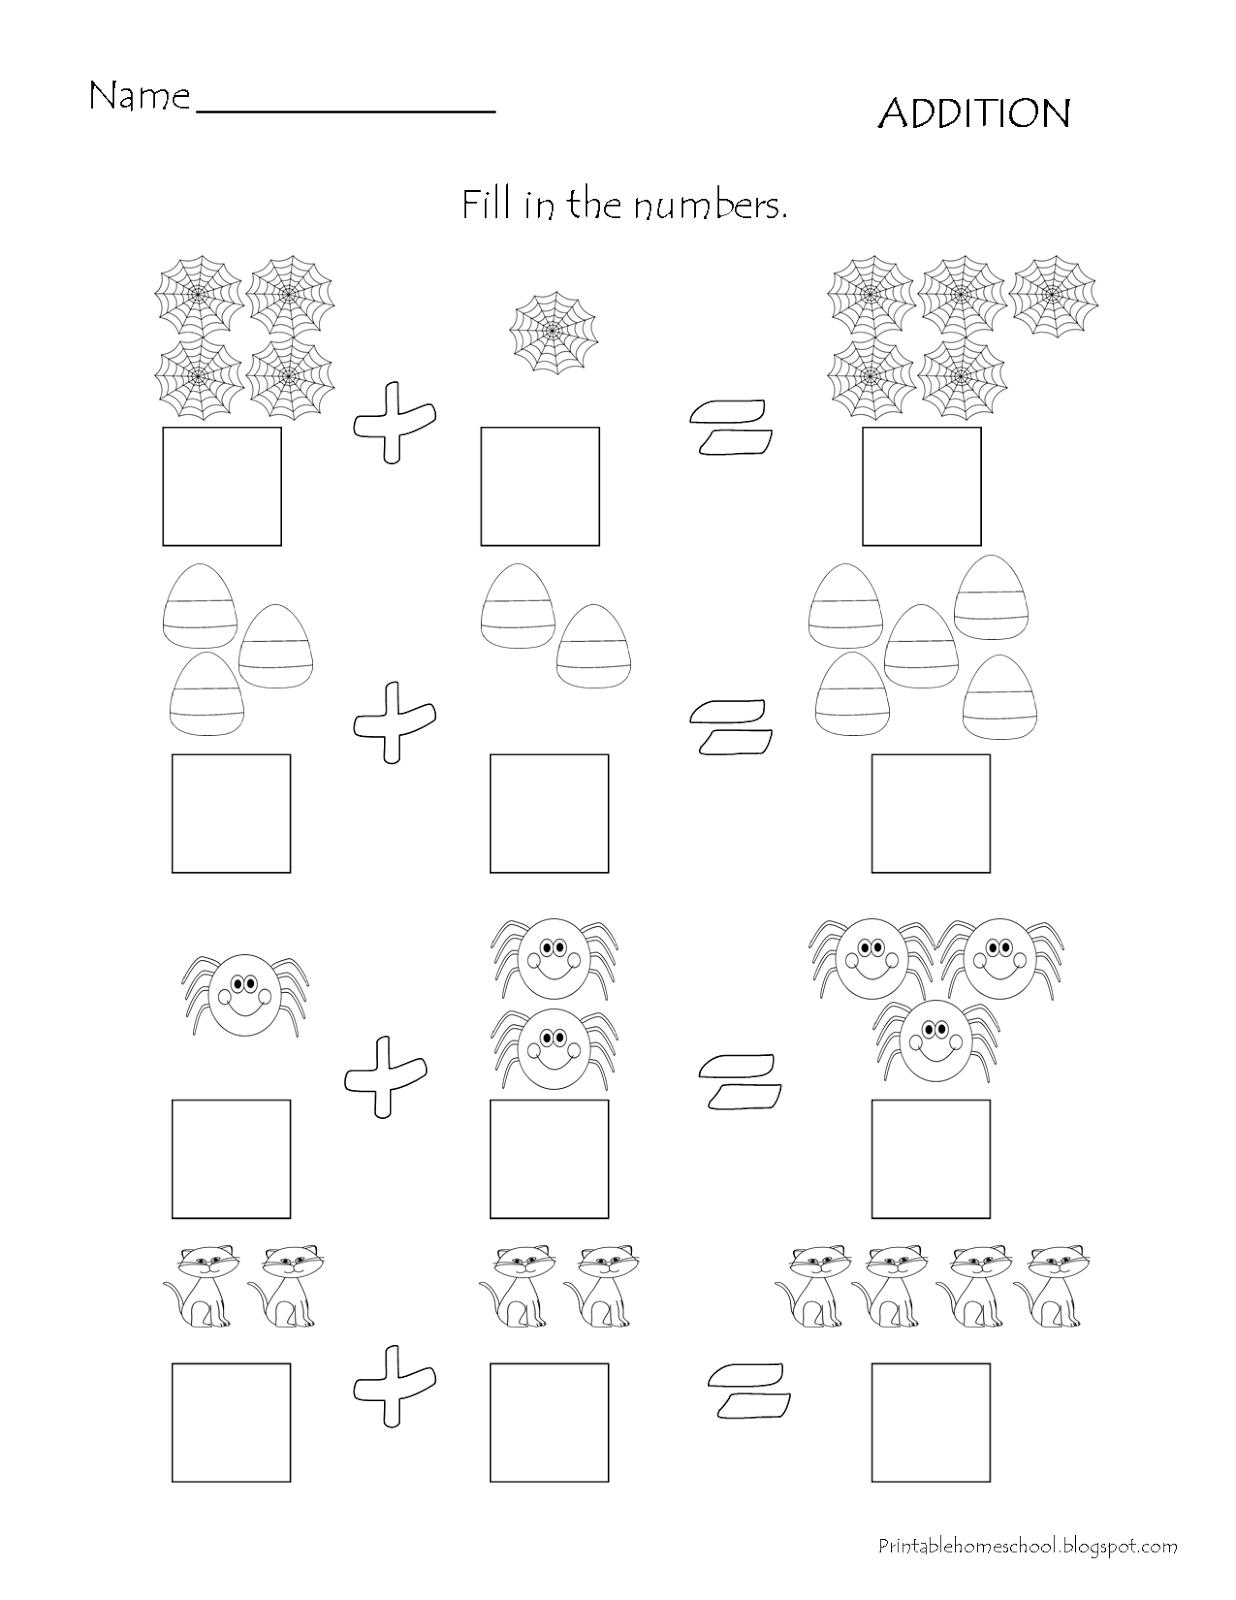 Addition Worksheet Com Imagens